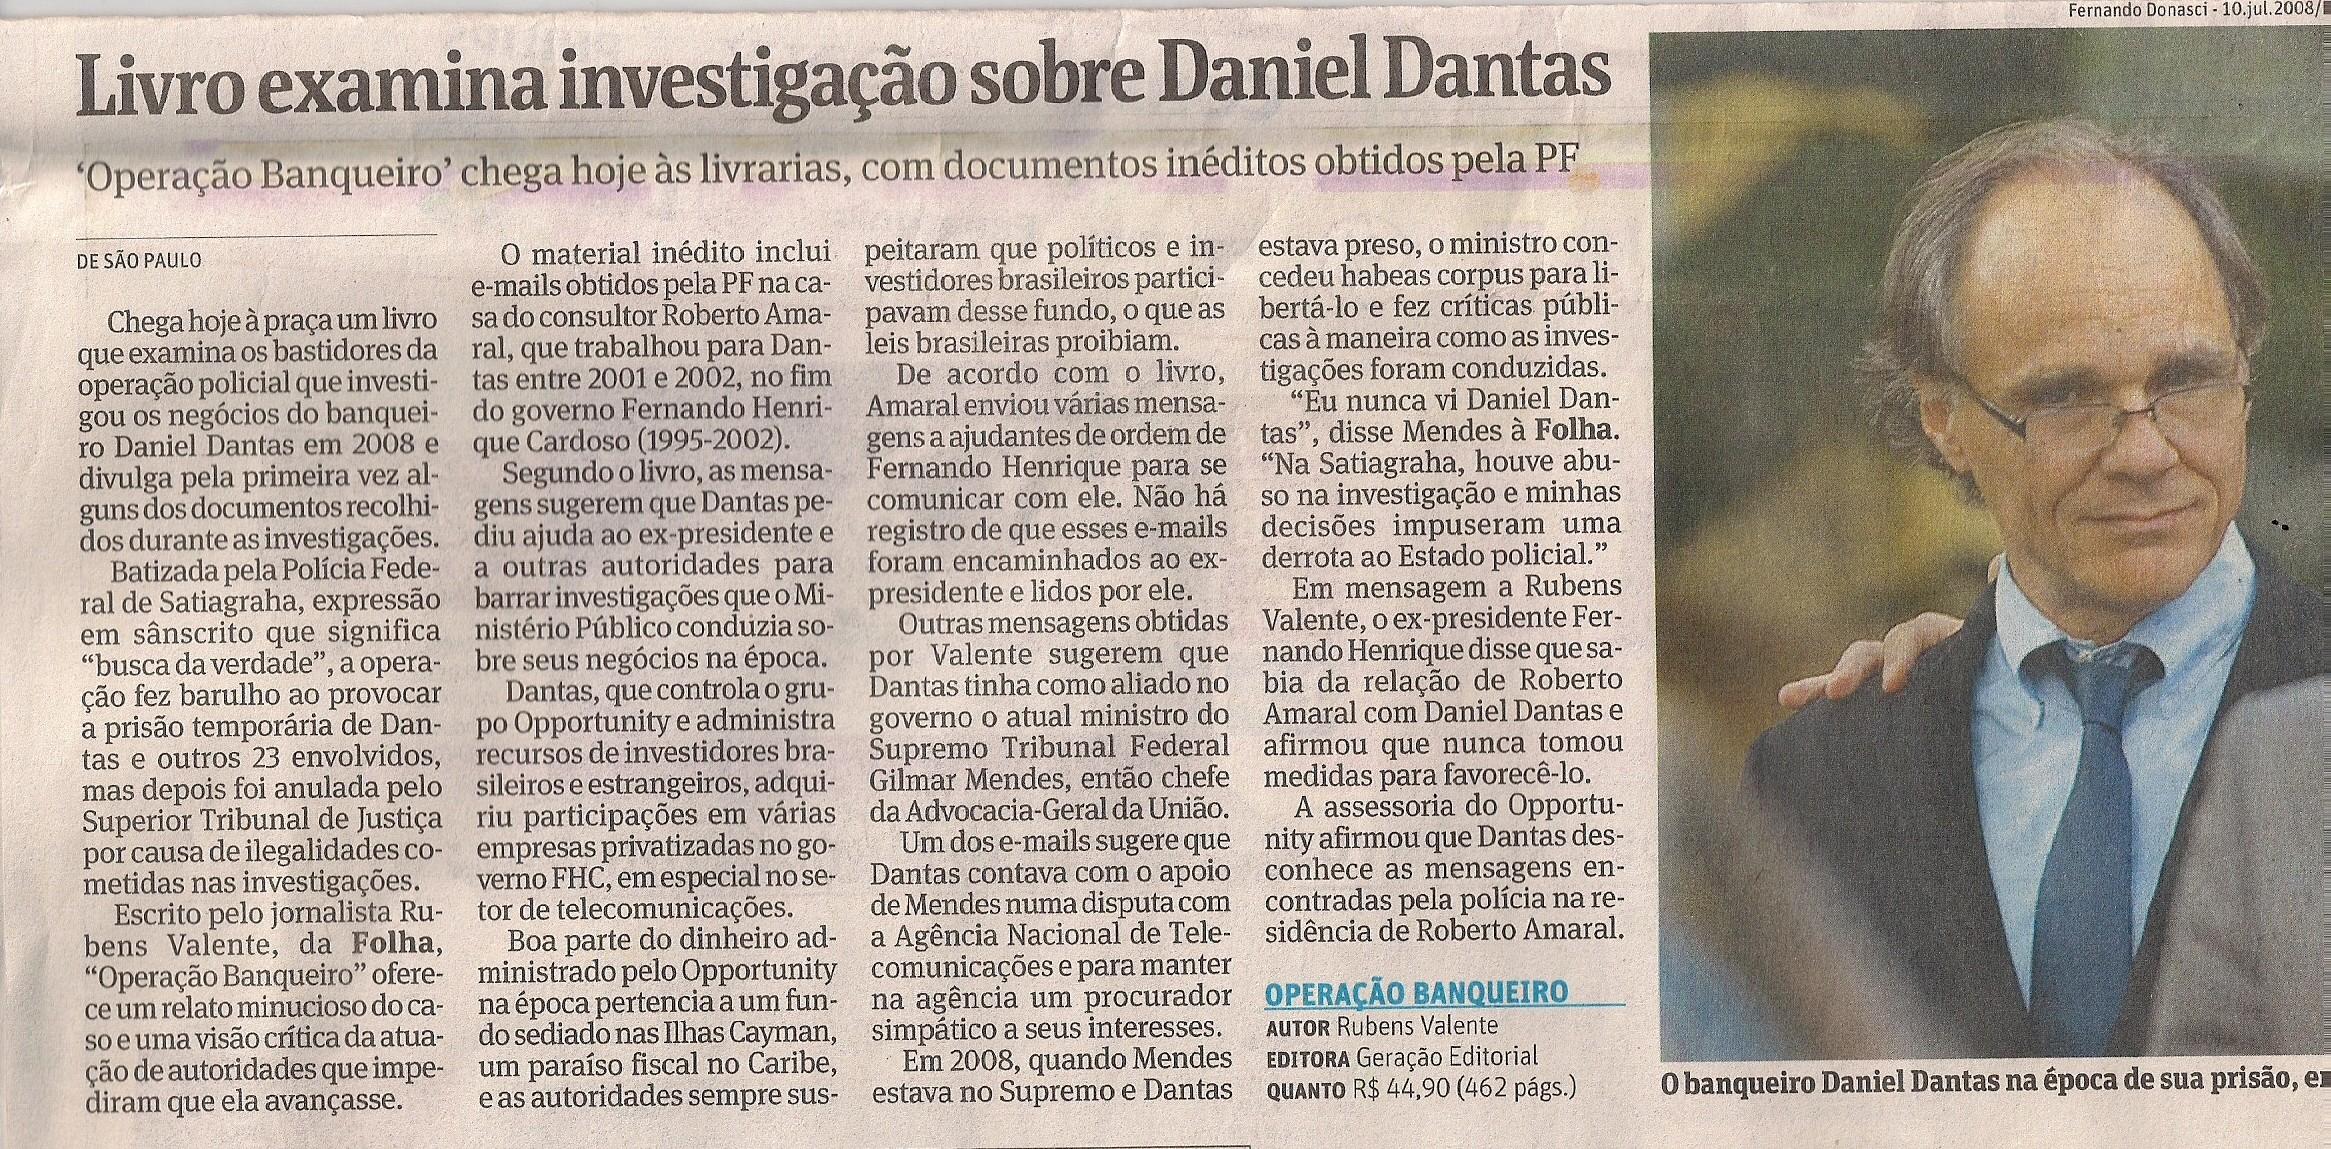 Folha de SP - 10 de Janeiro